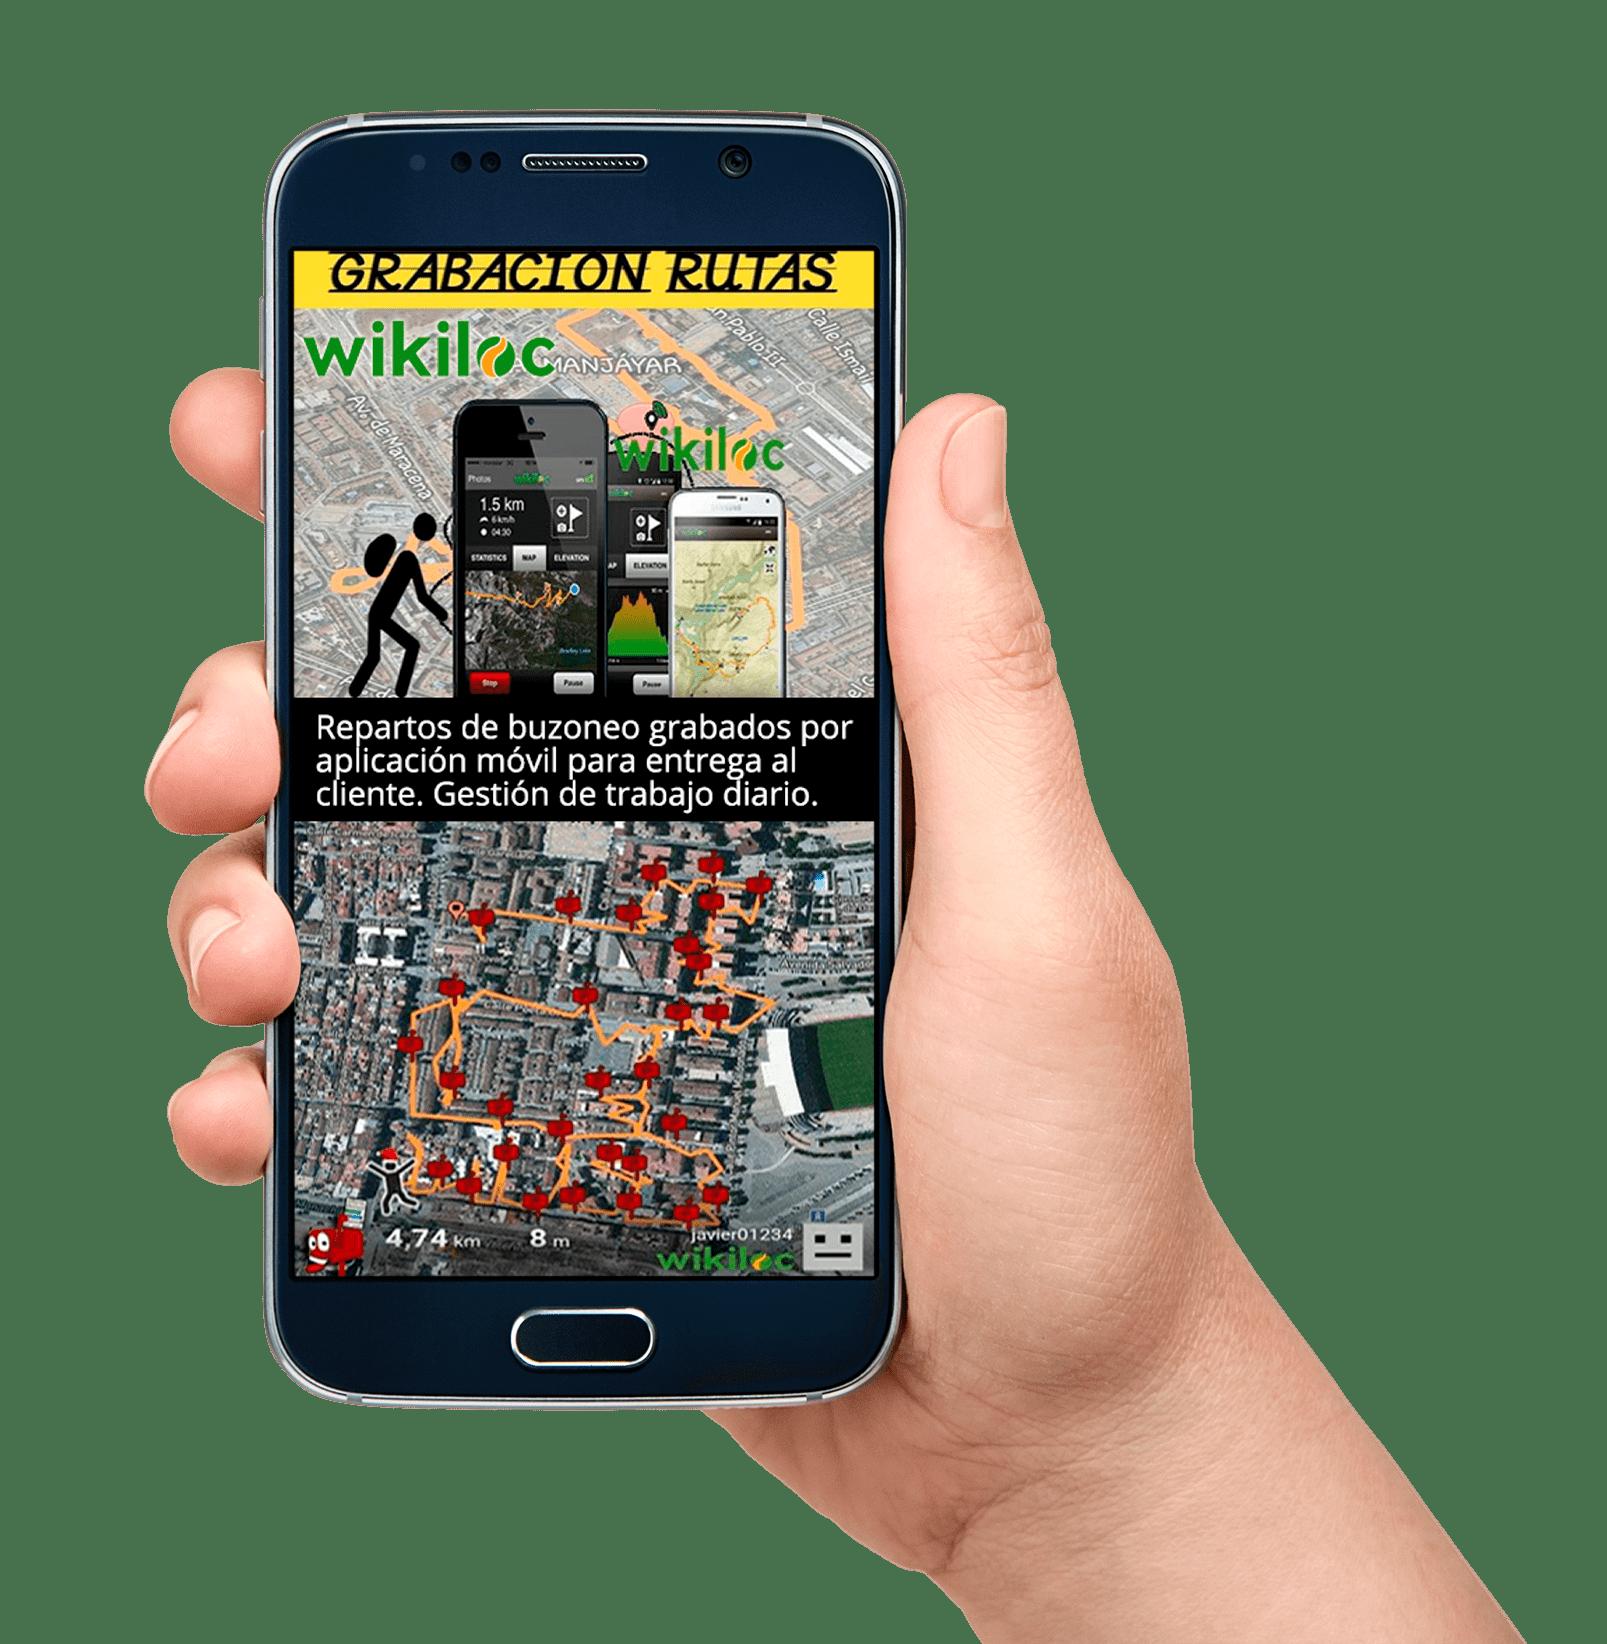 reparto-buzoneo-wikiloc